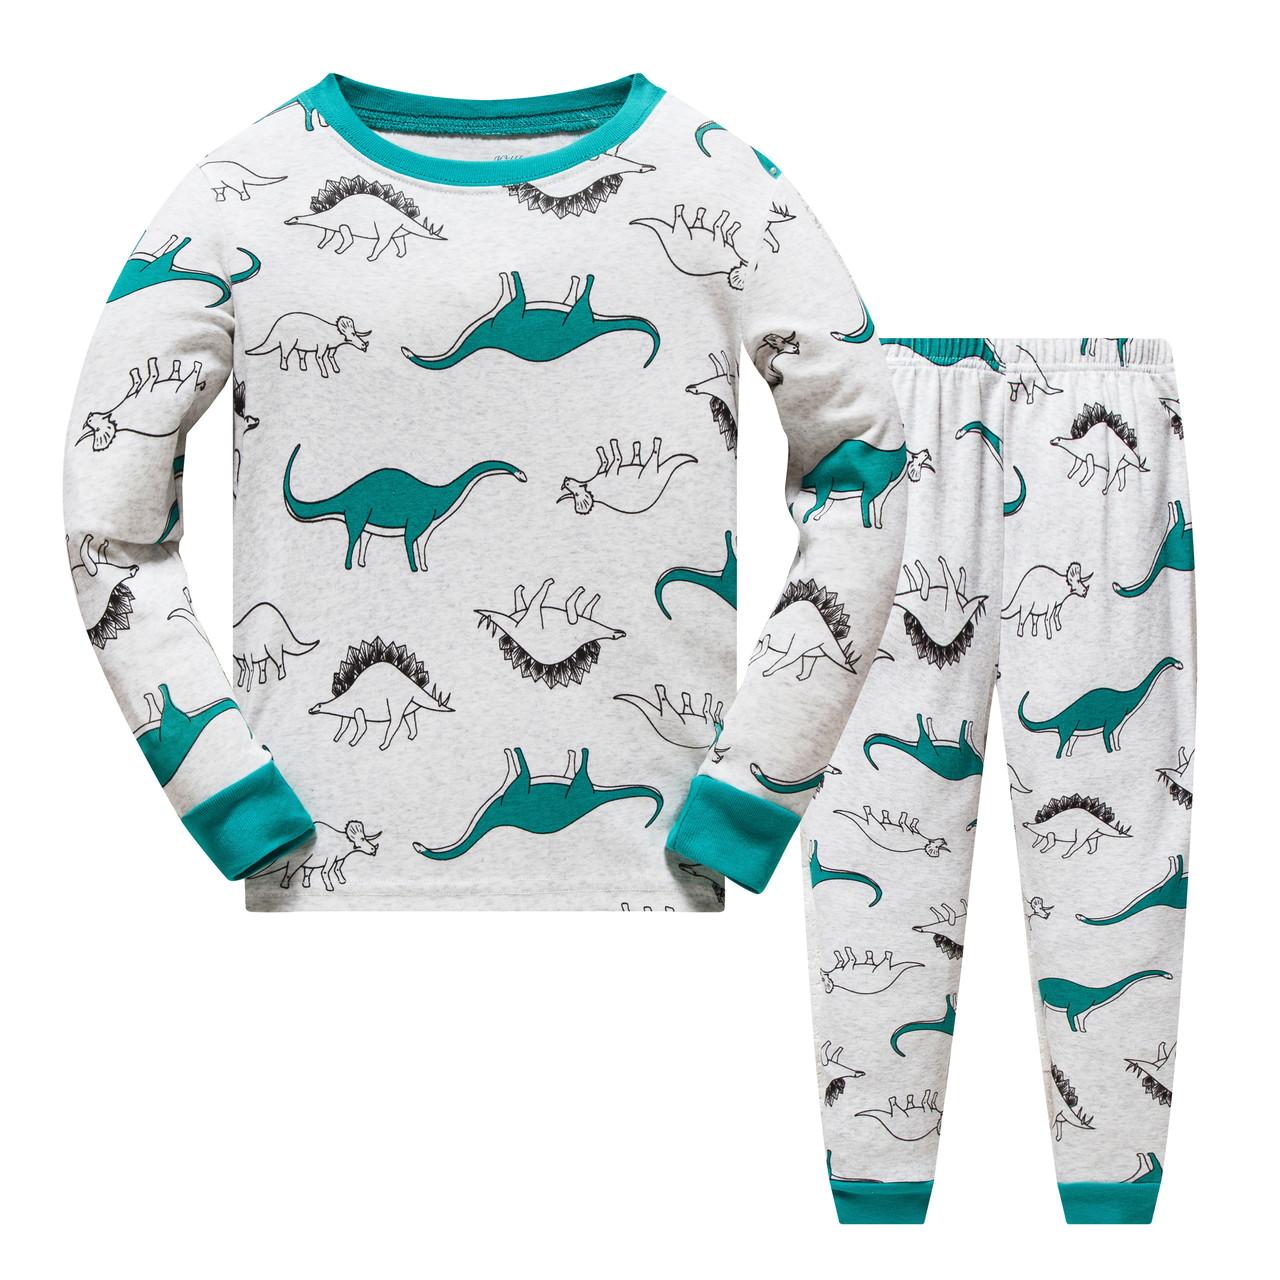 Купить Пижама Динозавры Wibbly pigbaby в Чернигове от компании ... 349d670b4356e